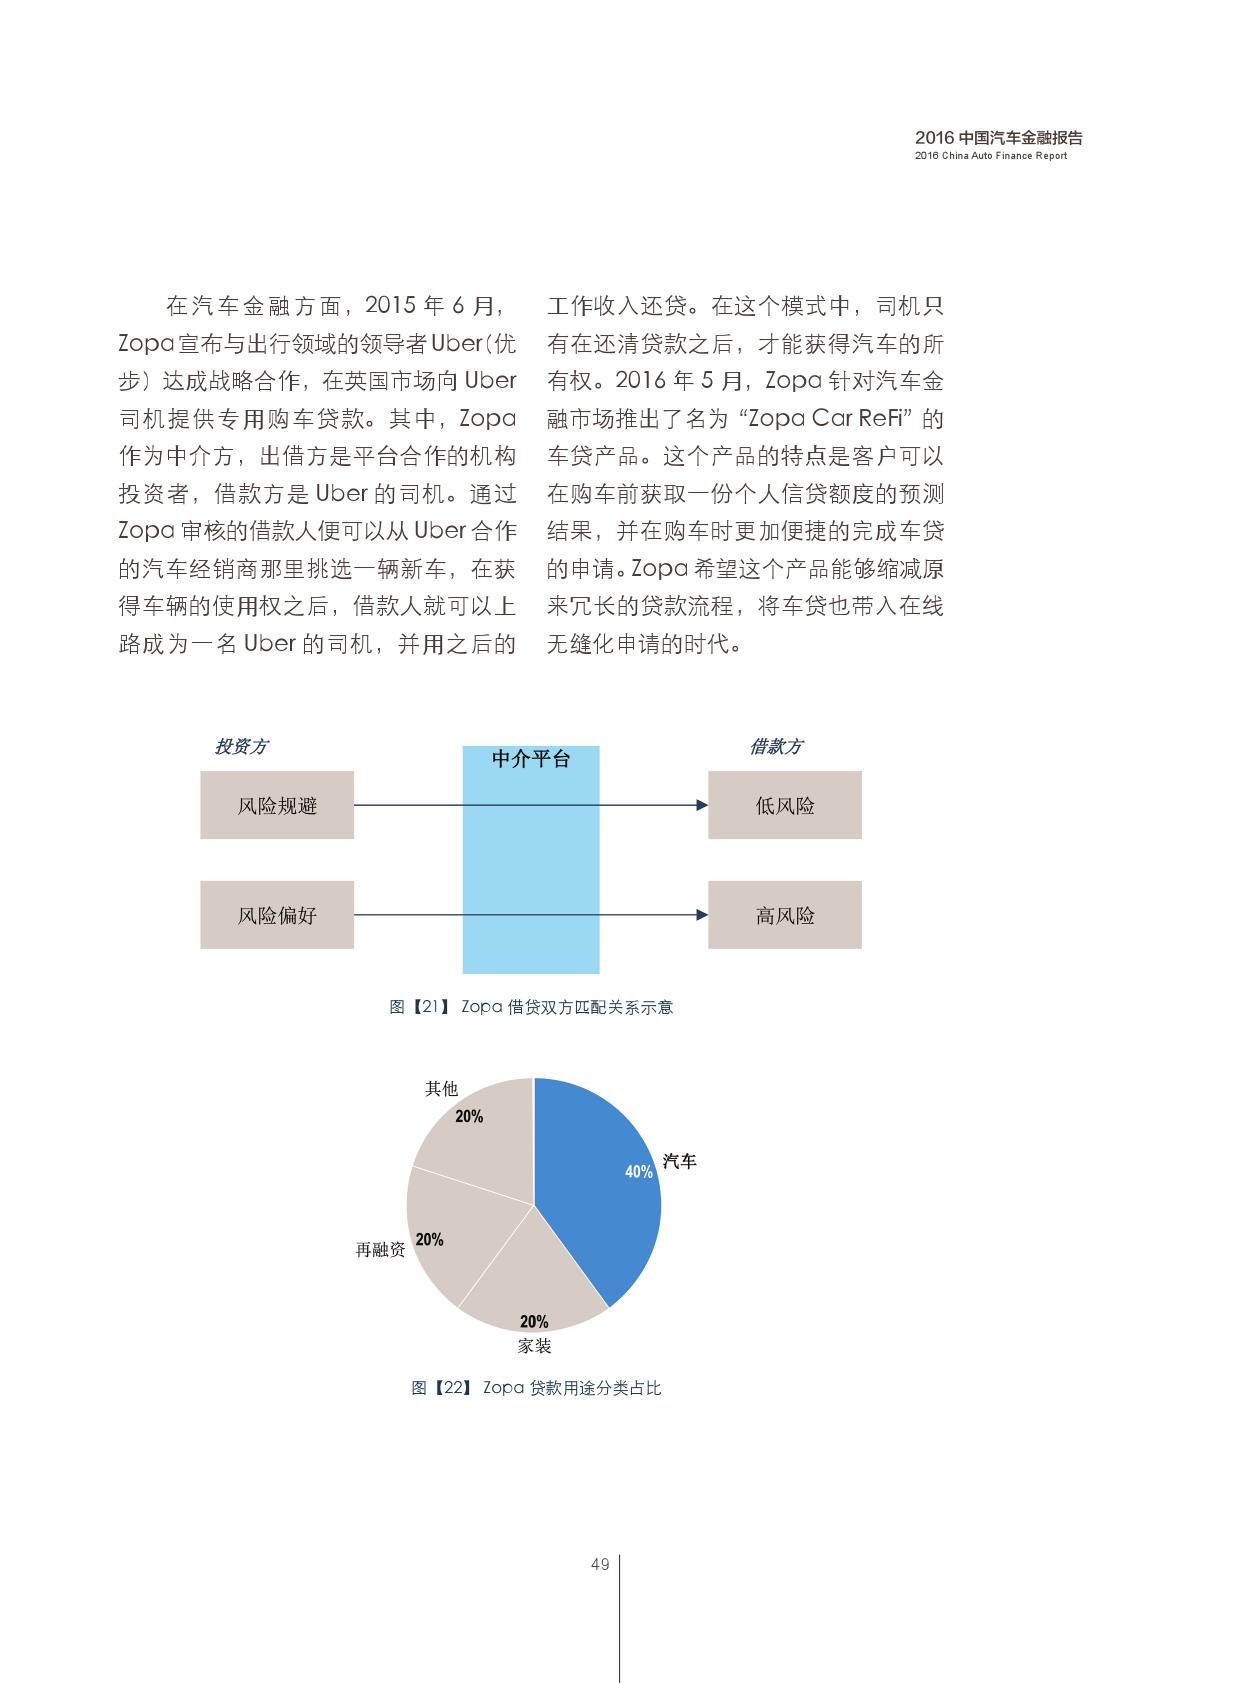 2016中国汽车金融报告_000050